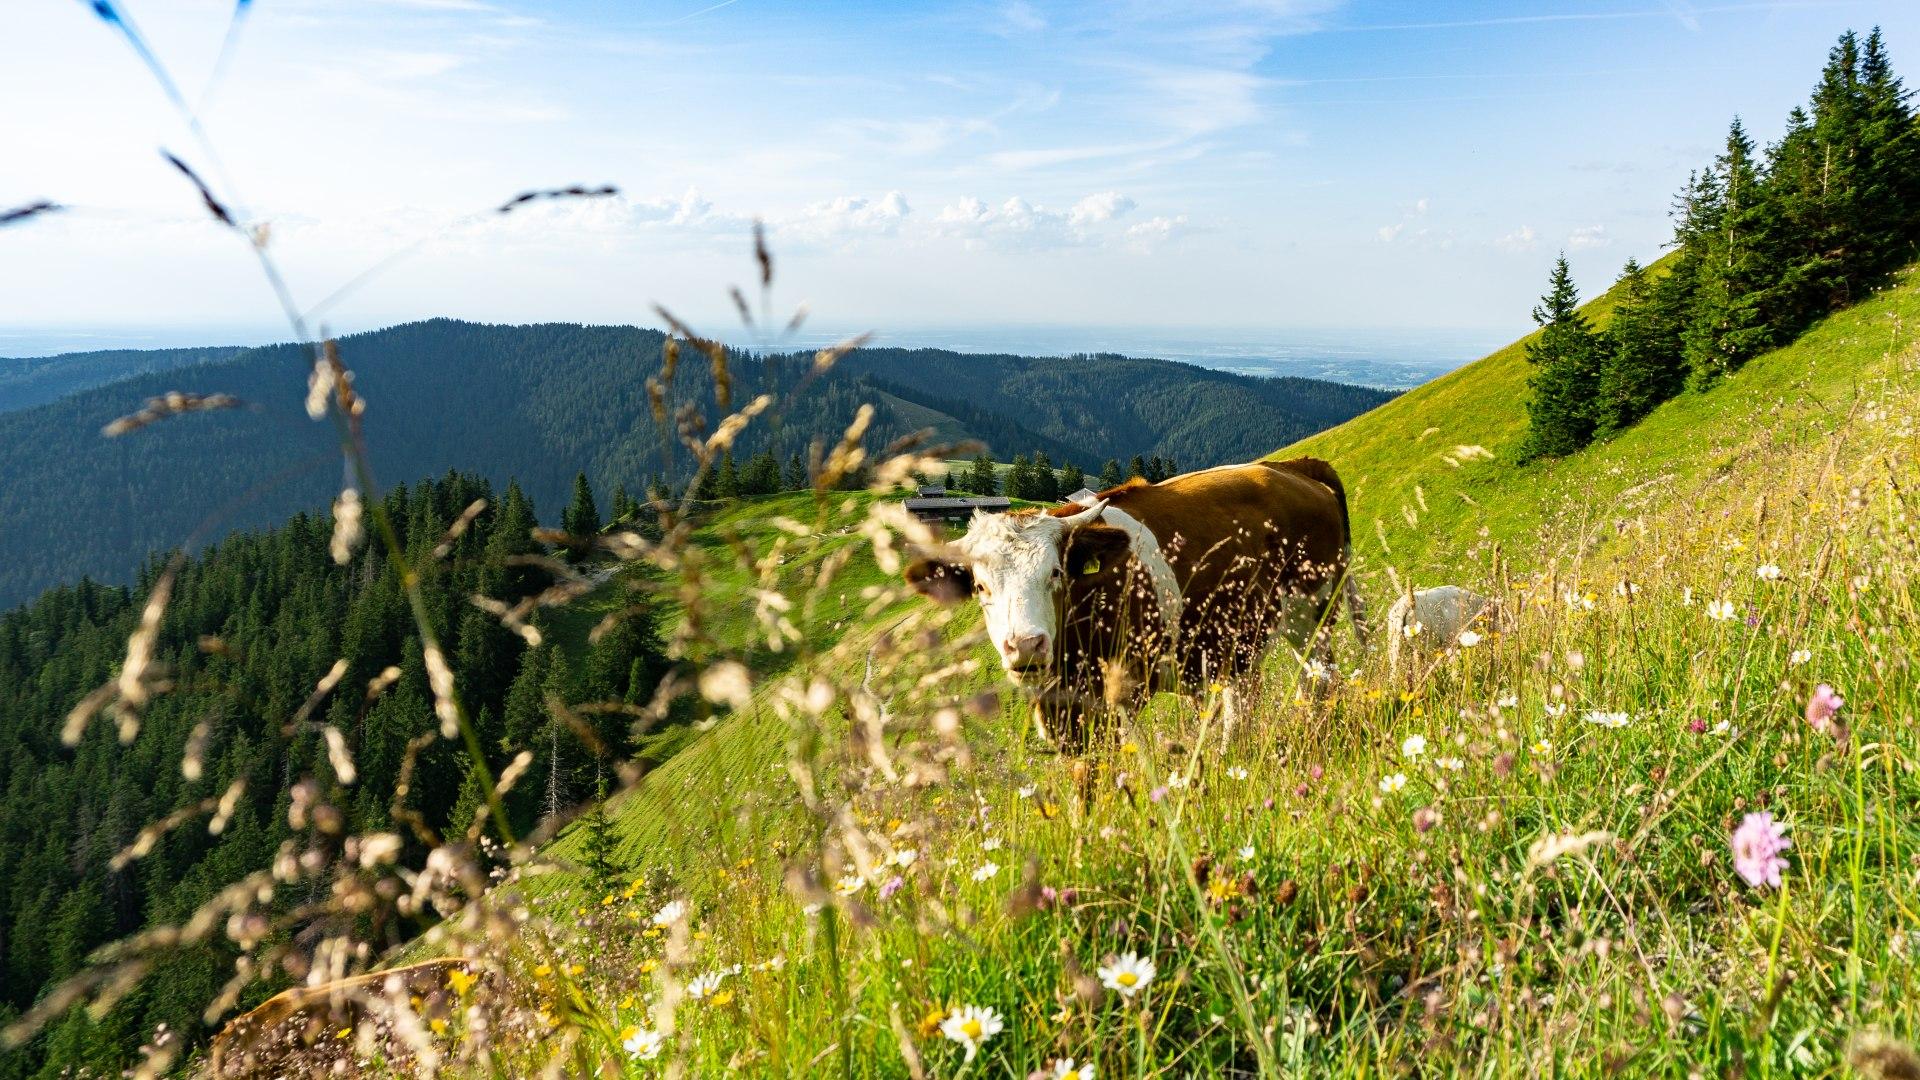 Kuh auf blühender Weidewiese in den Bergen, © Stefanie Pfeiler